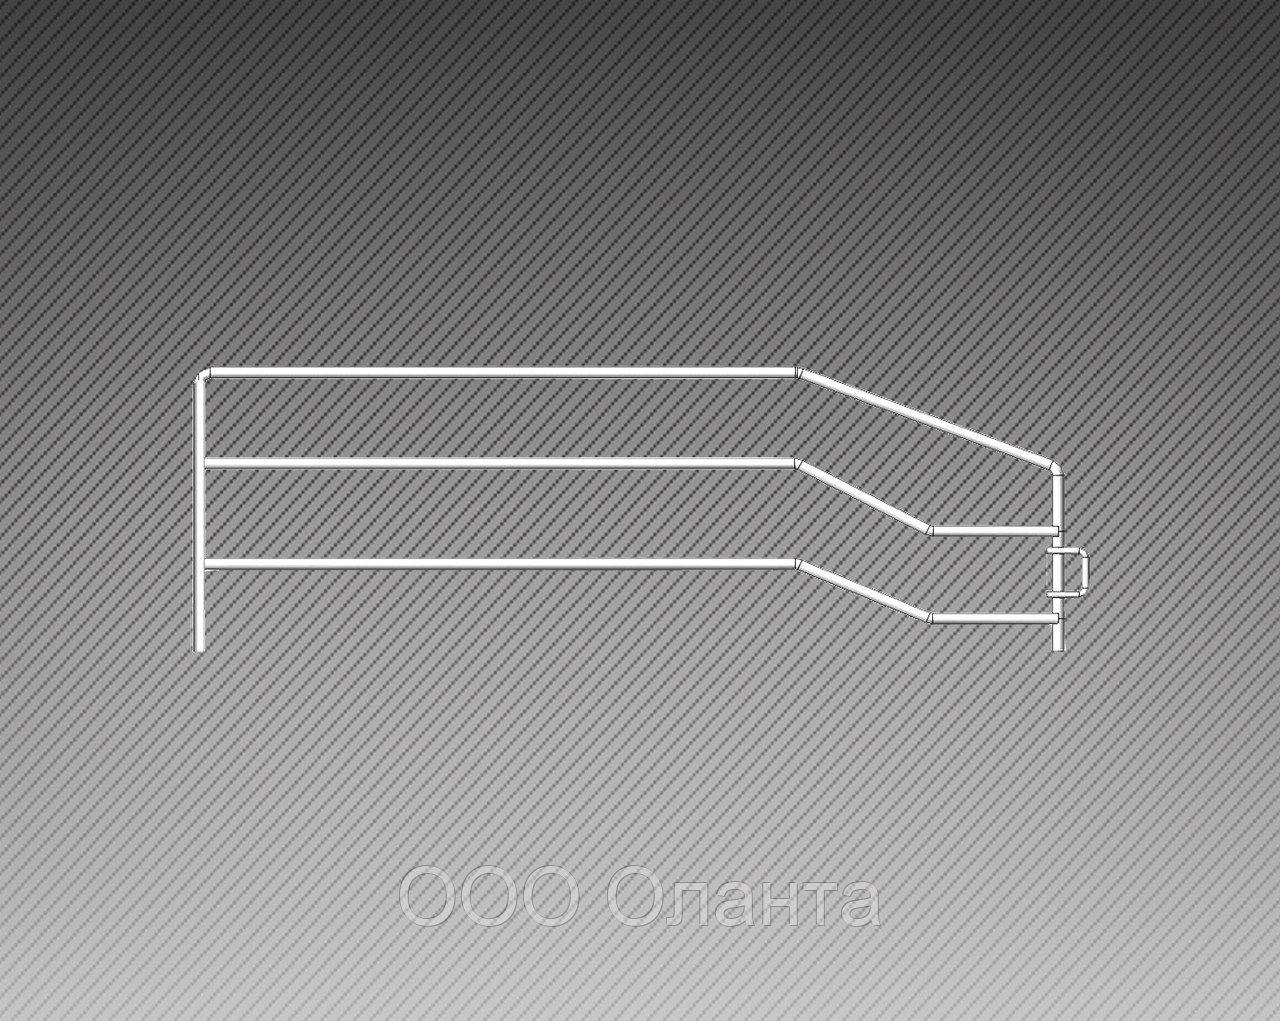 Ограждение боковое разделитель для полки (500х130 мм)